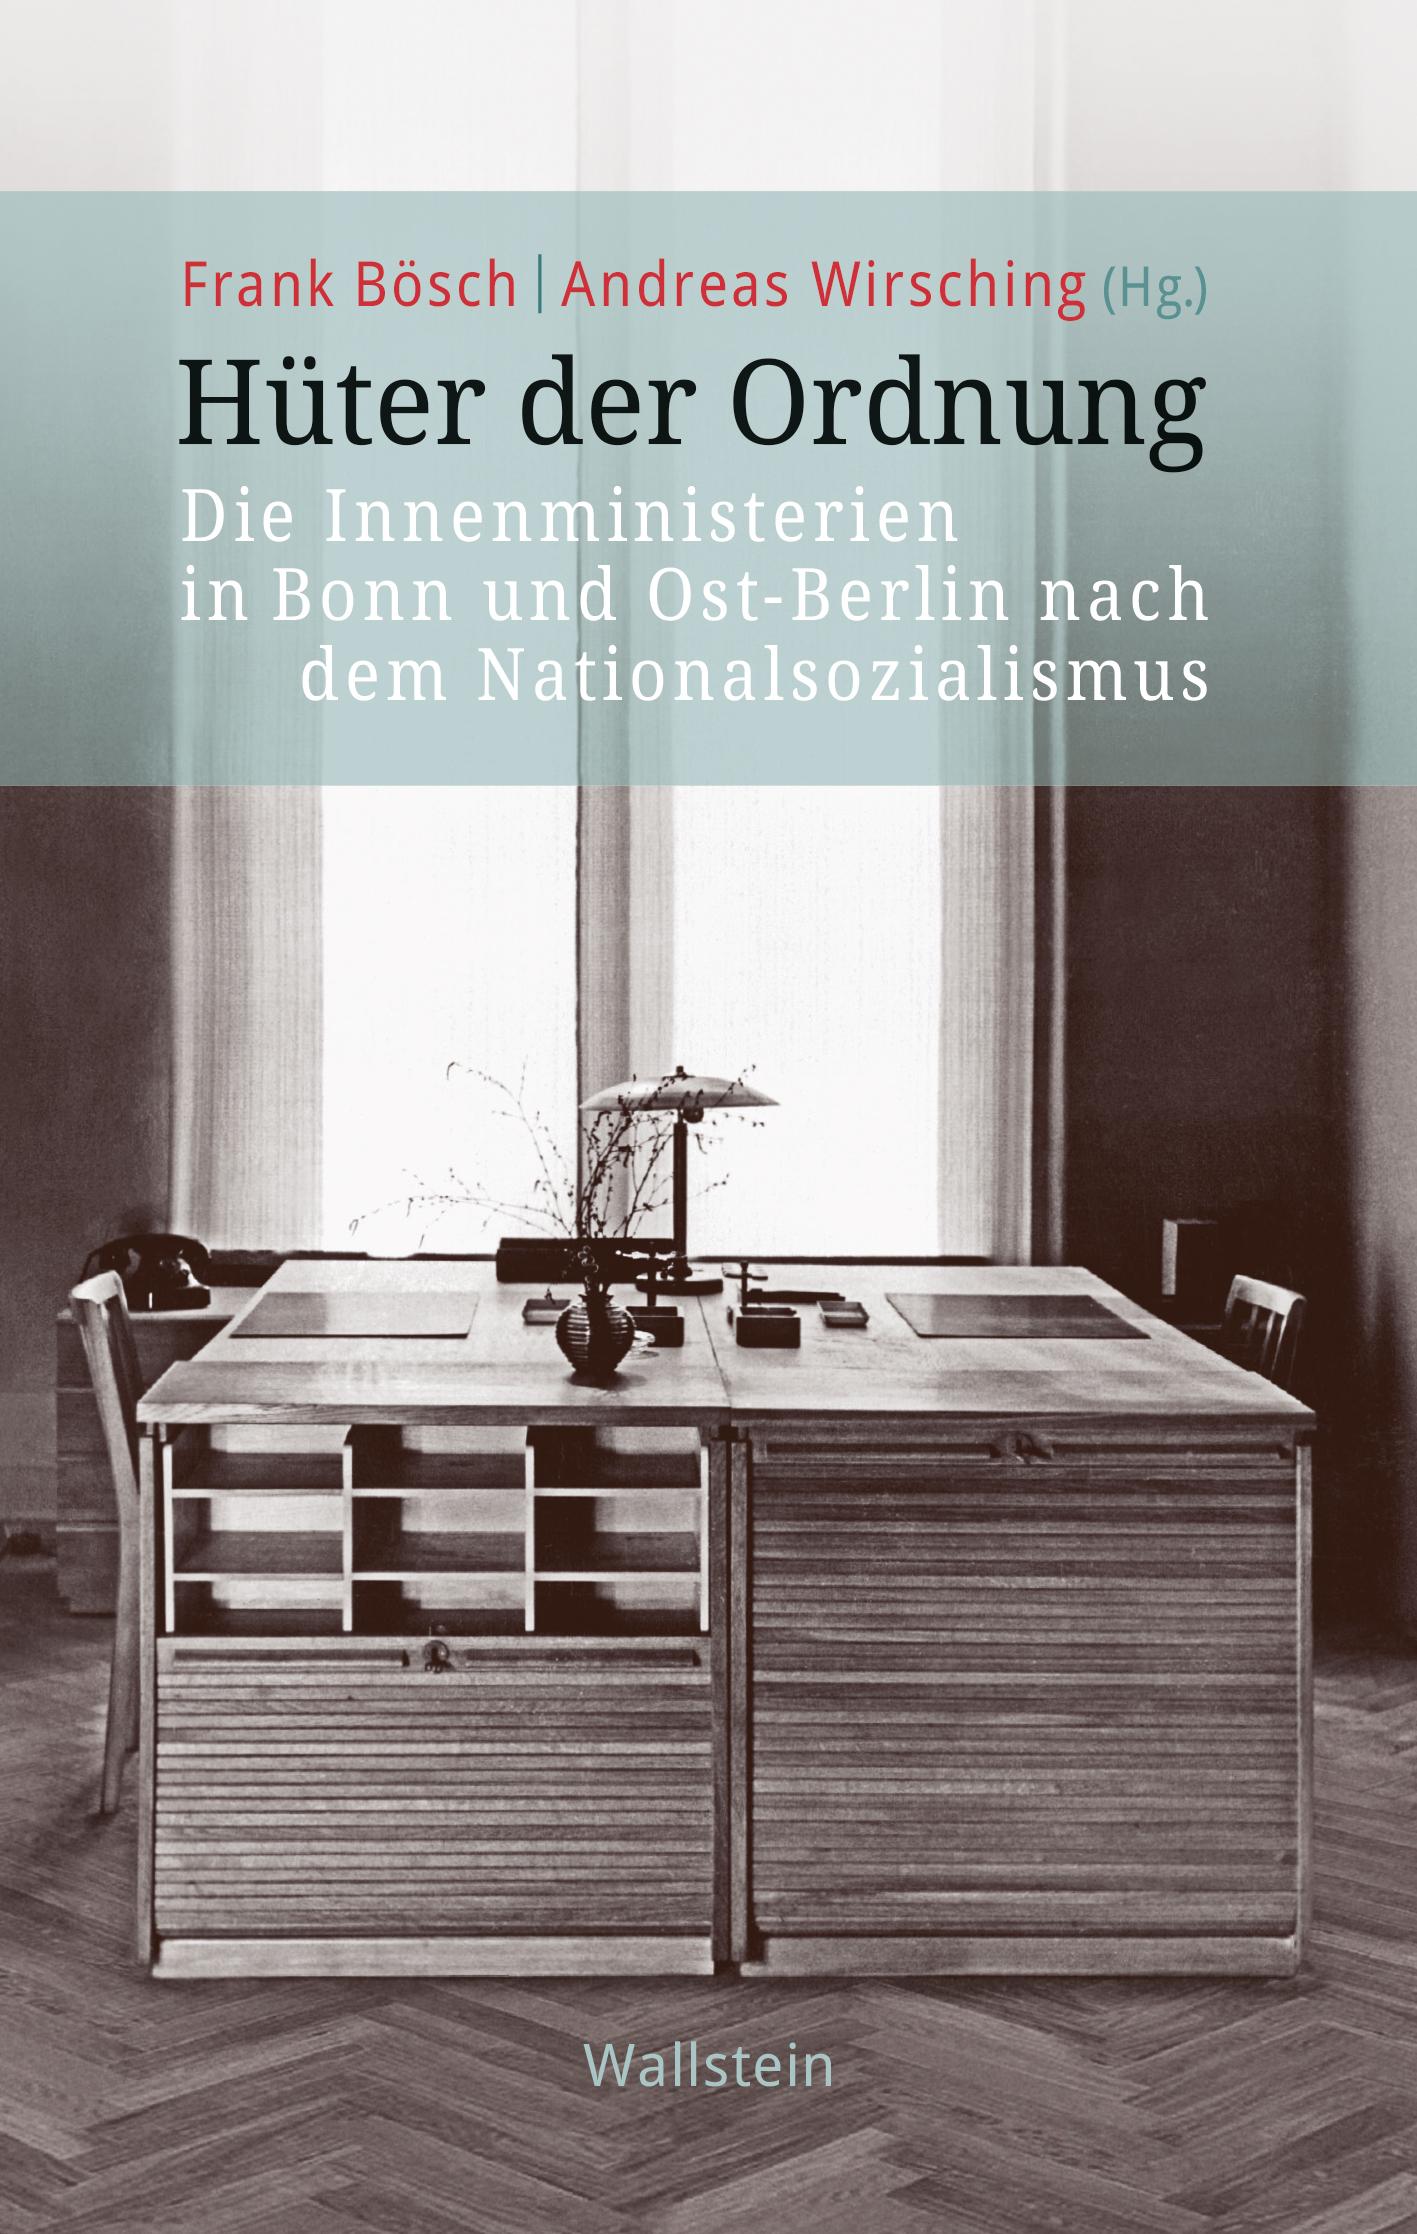 """Bild des Buchcovers zu """"Hüter der Ordnung""""."""